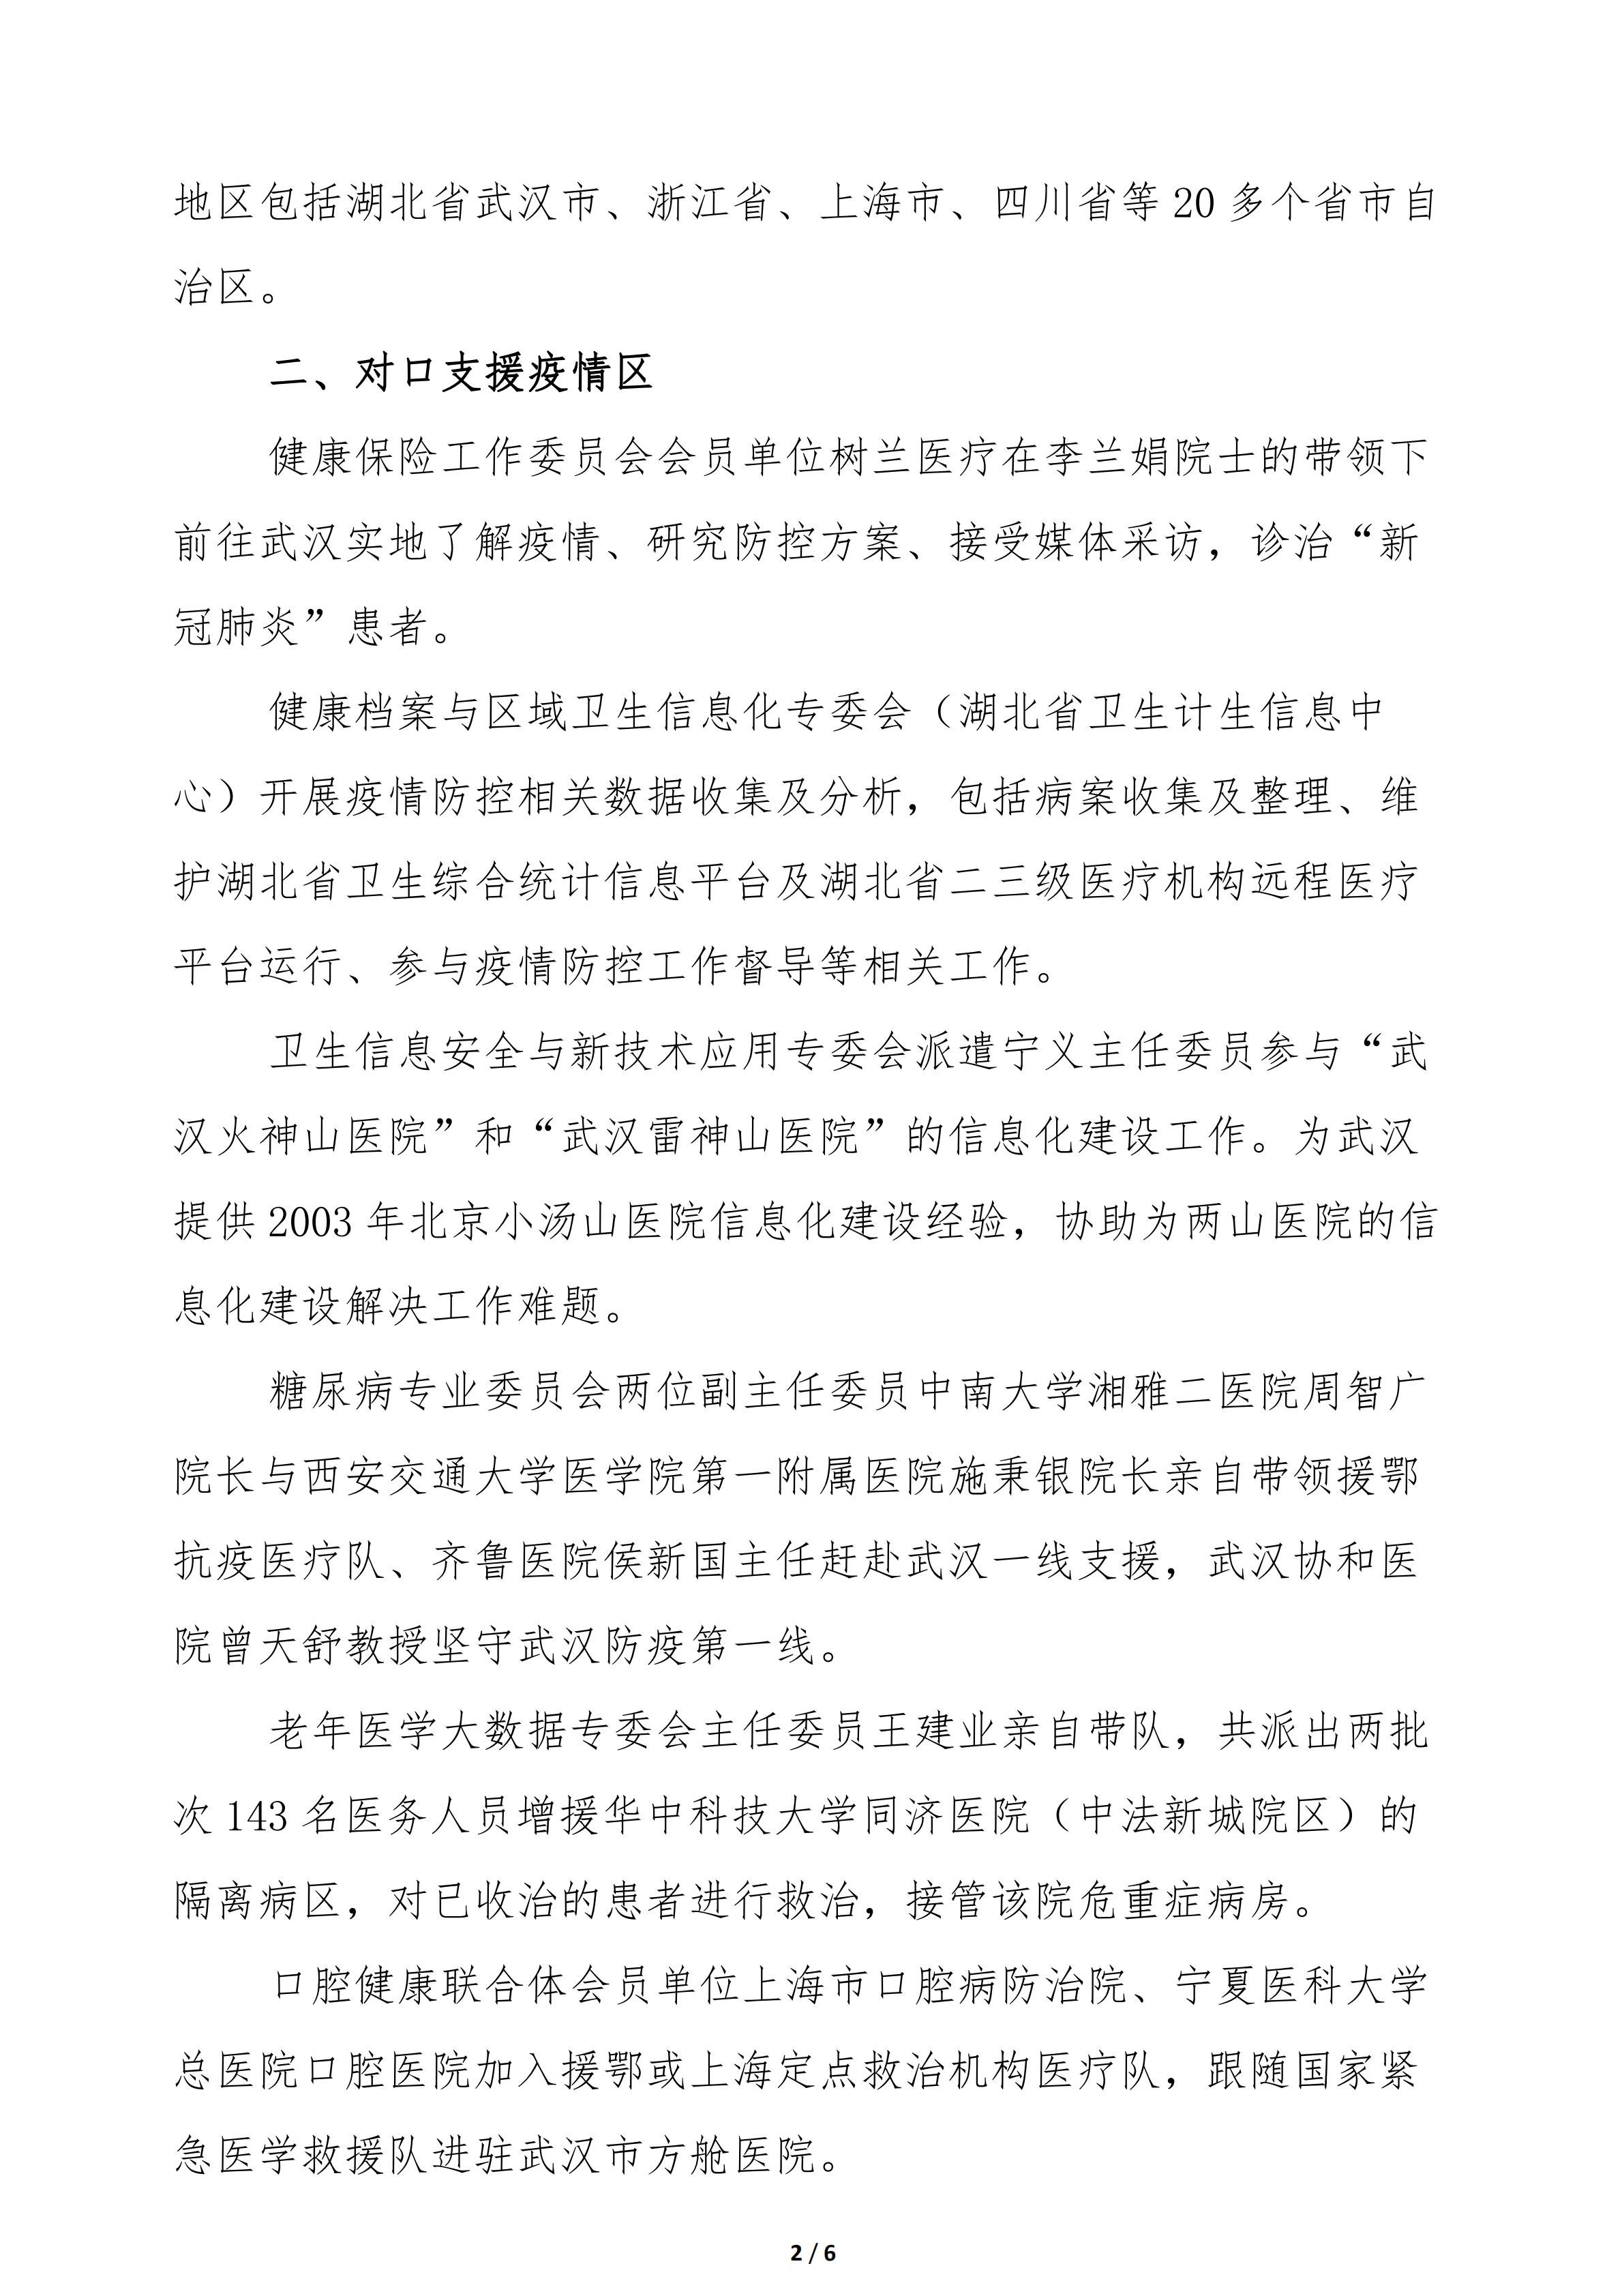 15号文疫情防控 我们在行动—中国卫生信息与健康医疗大数据学会关于参与新冠肺炎疫情防控工作汇报(一)_01.png